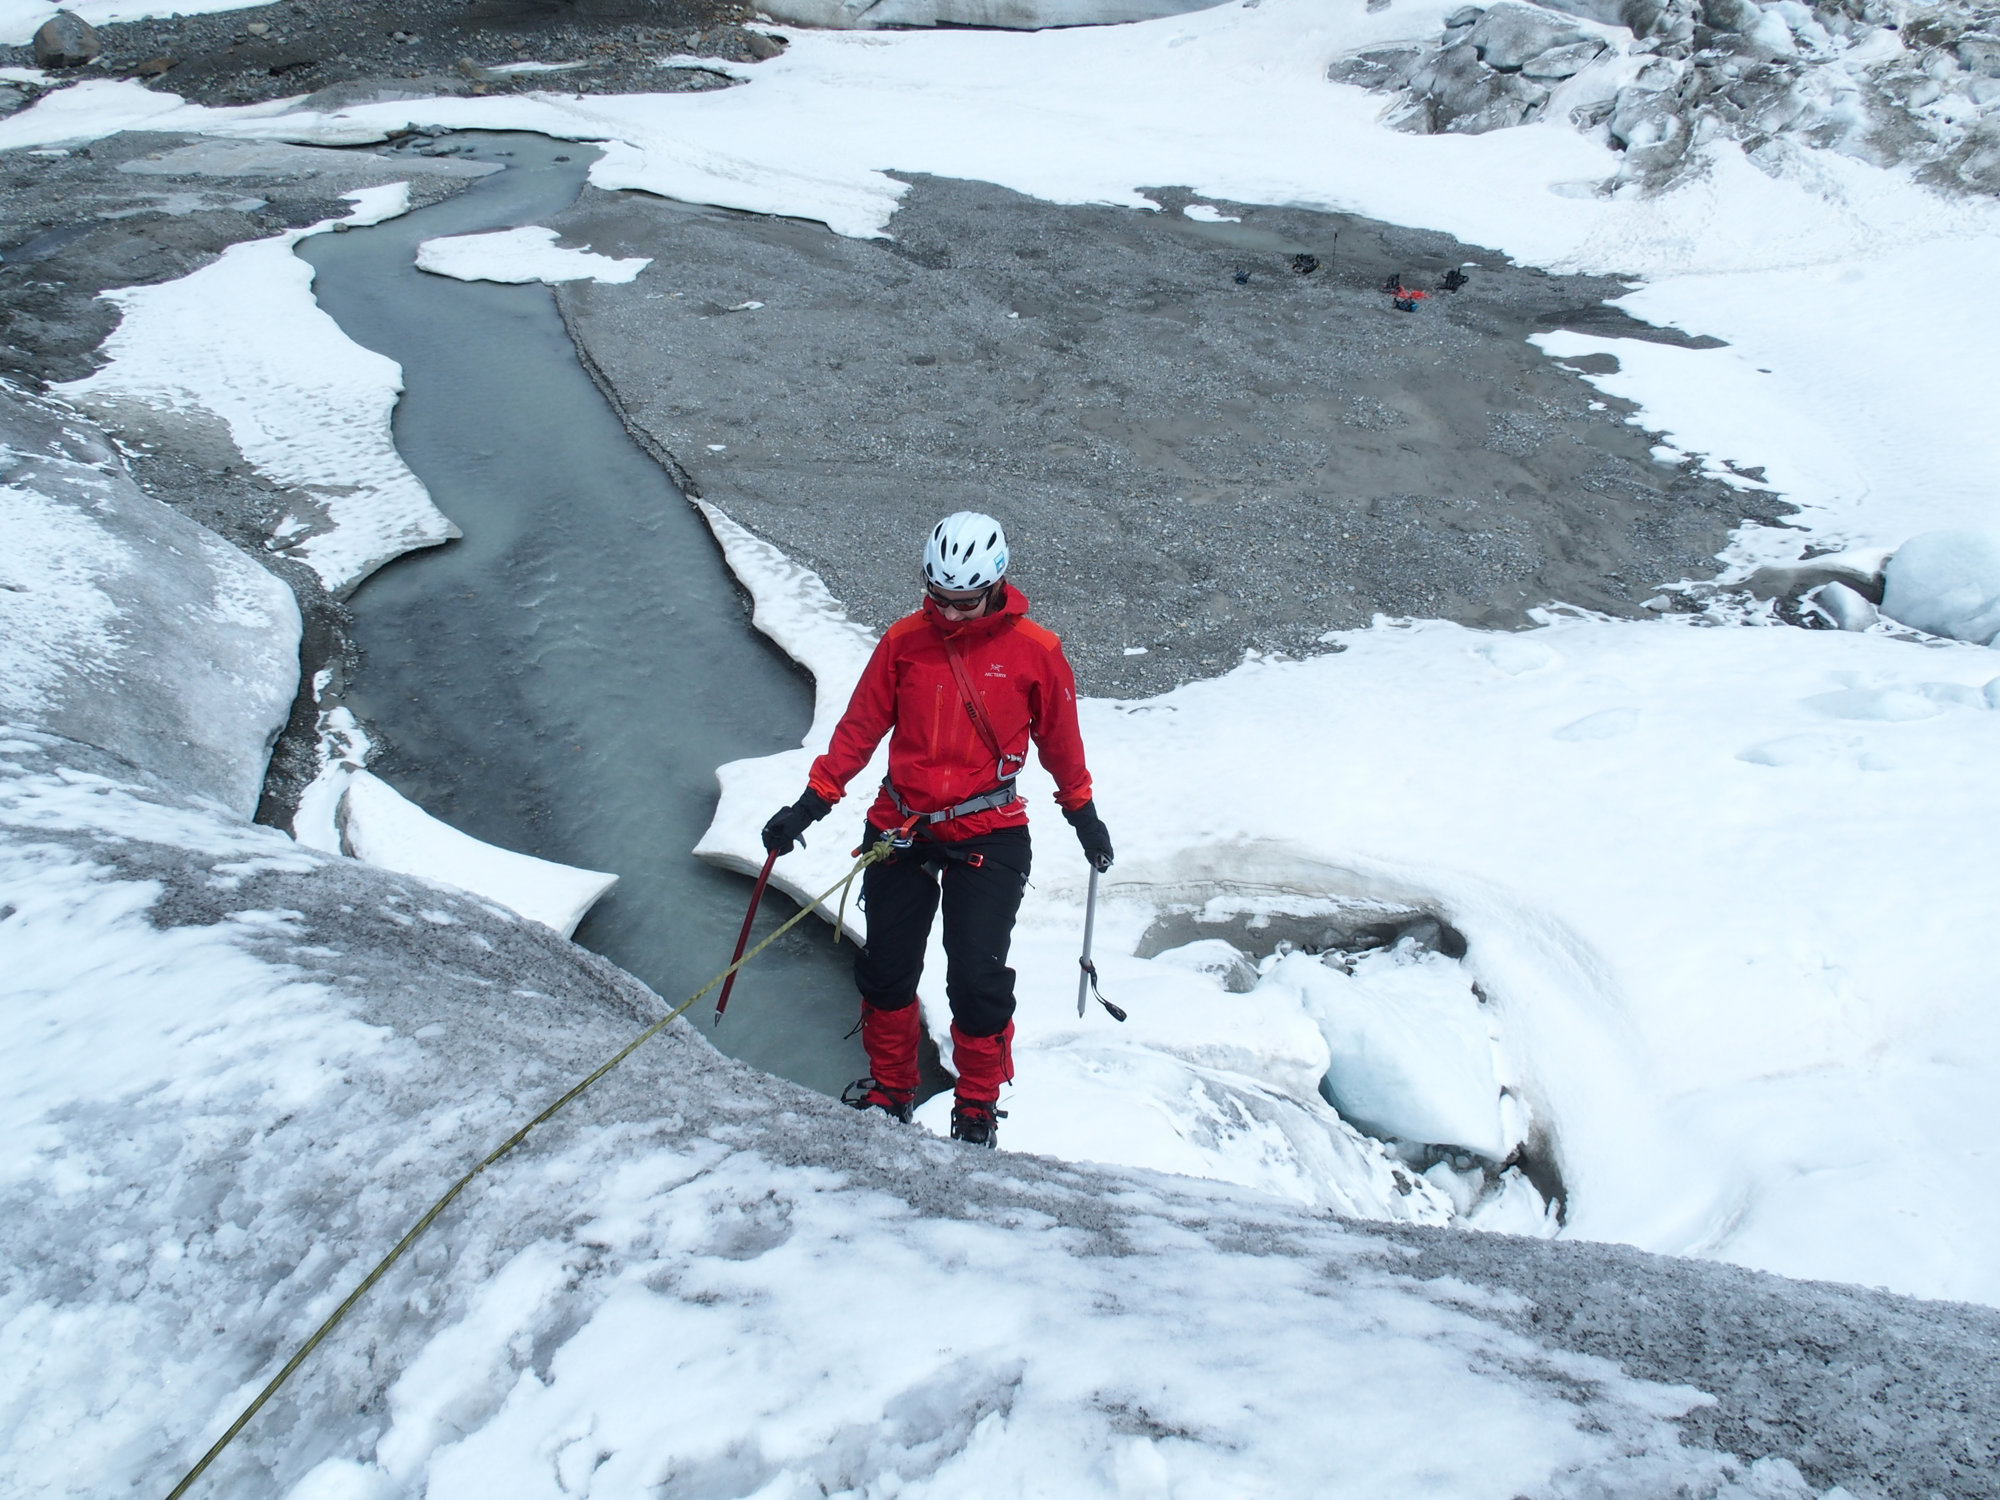 Abseilen, Eis, Gletscher, Gletscherkurs, Hochtour, Hochtourenkurs, Ausbildung, Bergsteigen, Gletscher, Kurs, Schulung, Pitztal, Taschachhaus, Fjella